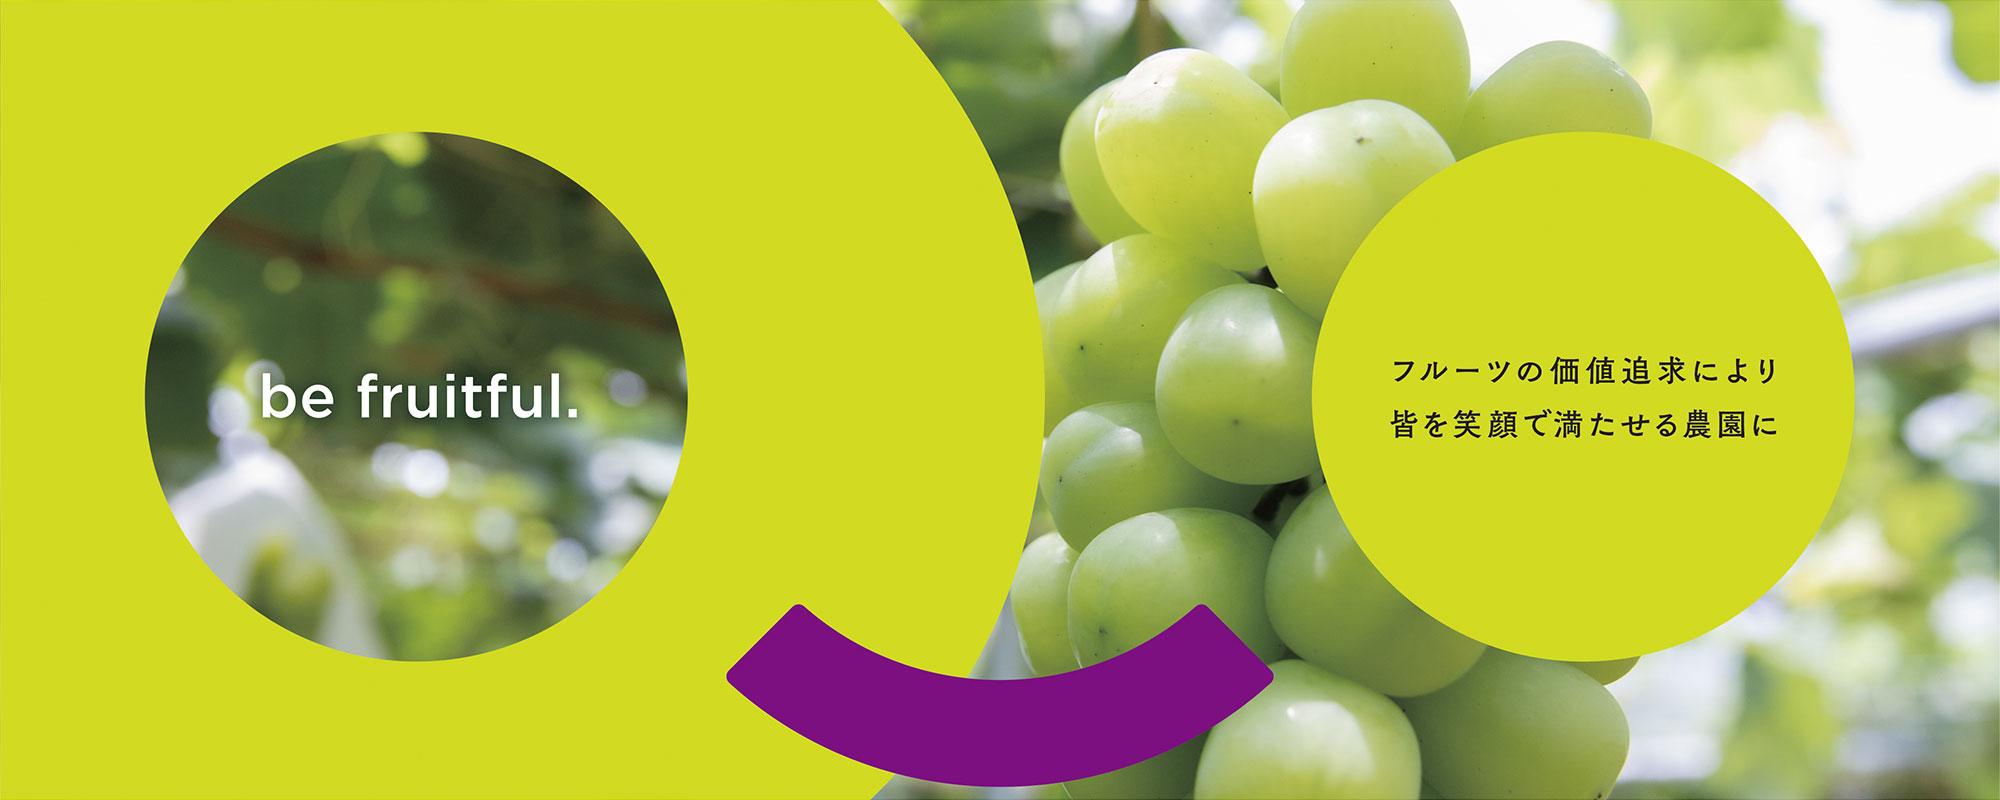 大阪でぶどうを作り続けて百年